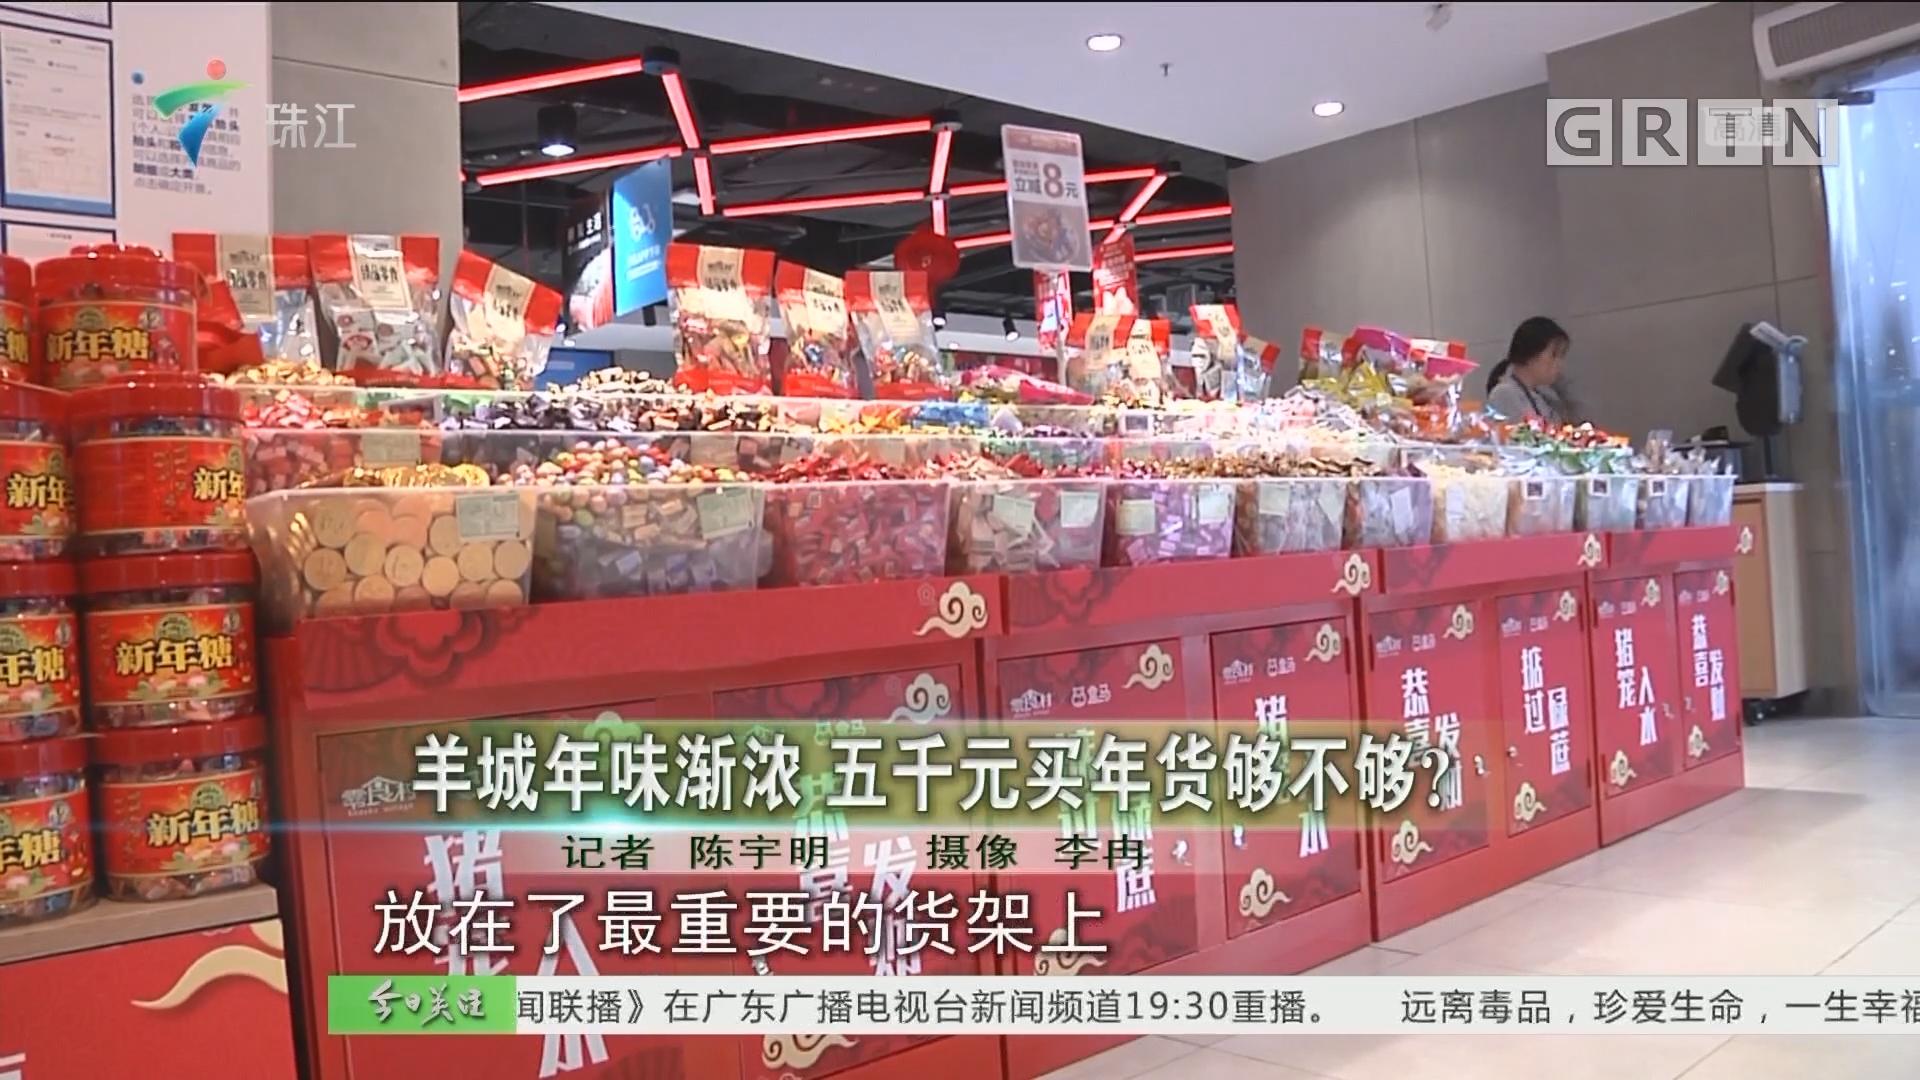 羊城年味渐浓 五千元买年货够不够?